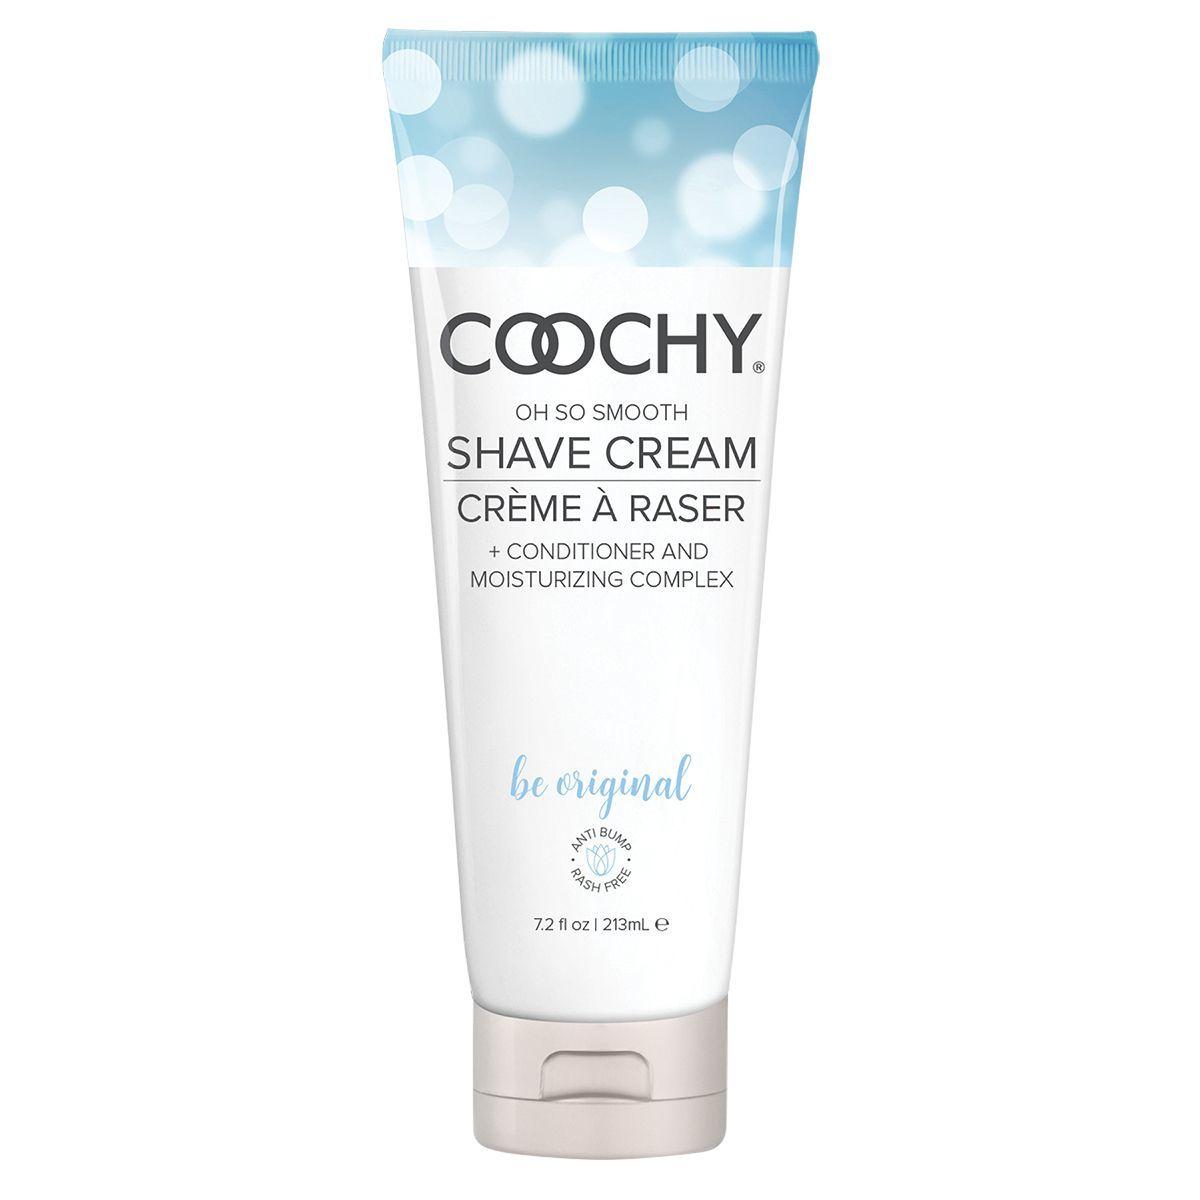 Средства по уходу за телом, косметика: Увлажняющий комплекс COOCHY Be Original - 213 мл.